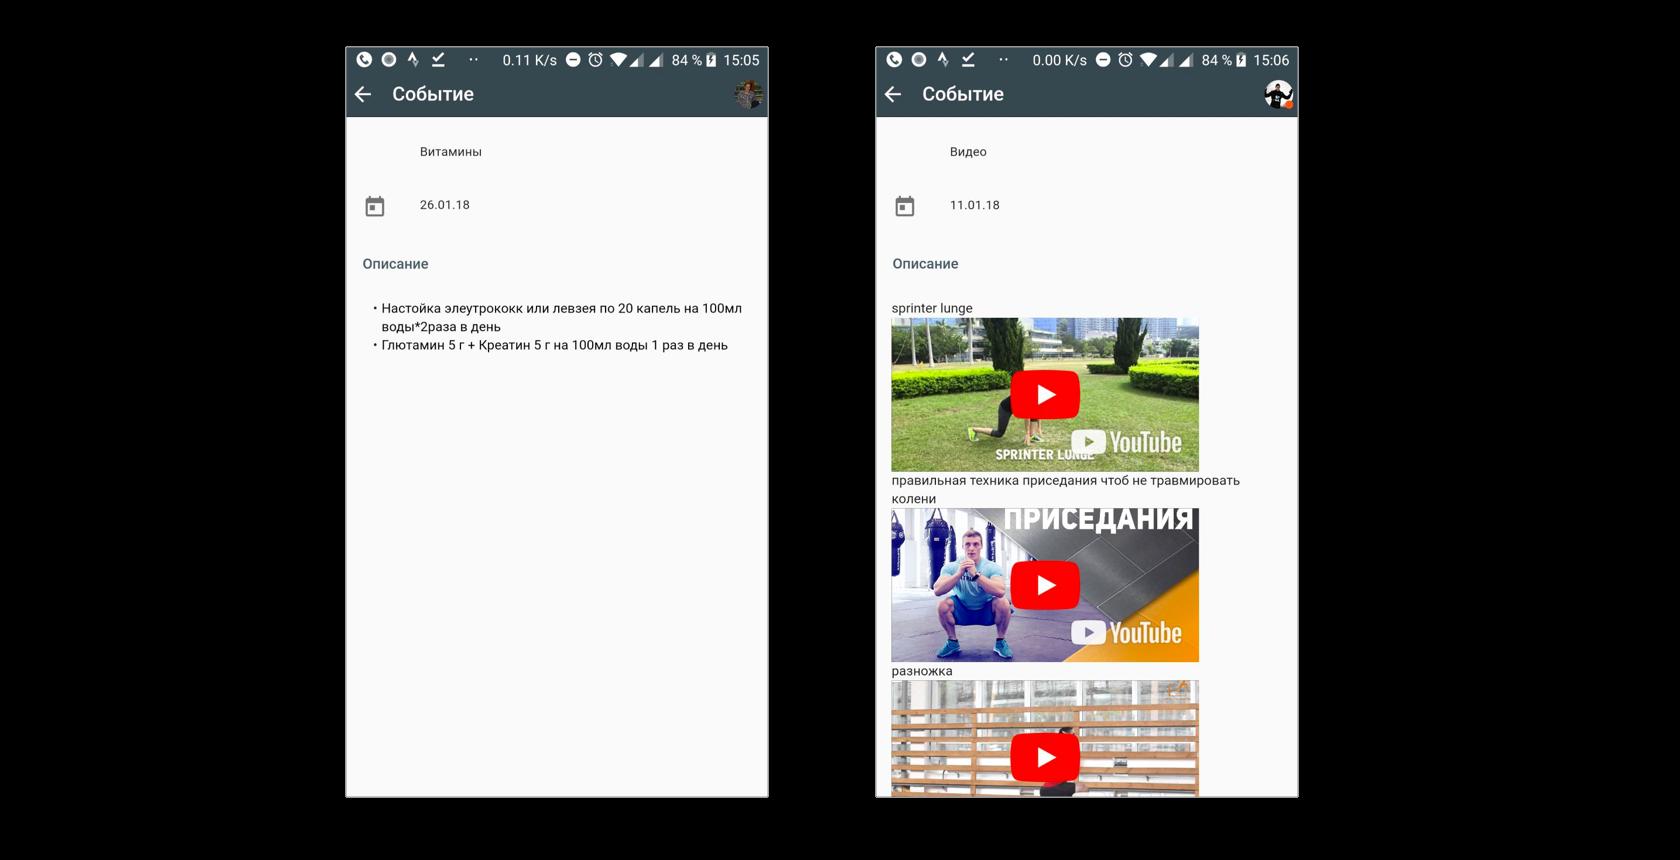 Просмотр событий в мобильных приложениях в Staminity